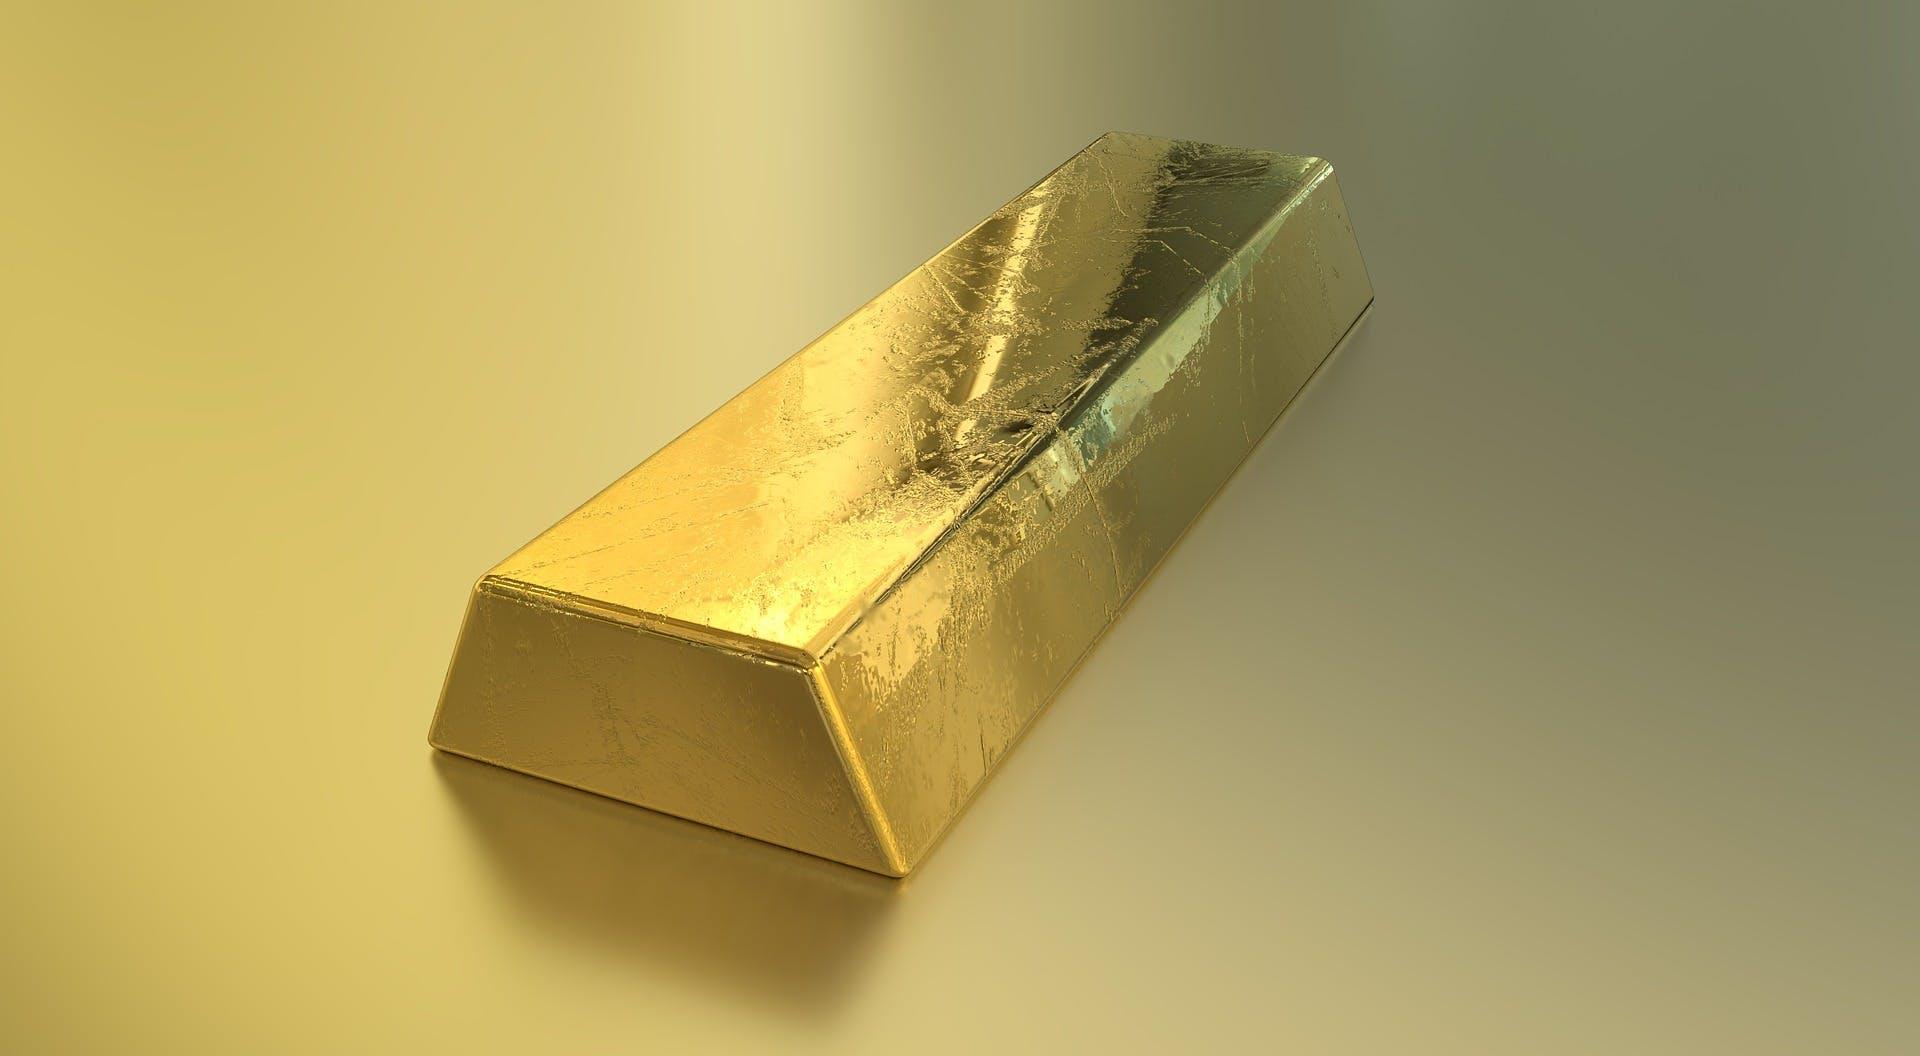 Gewinne jetzt einen Goldbarren bei ADLER